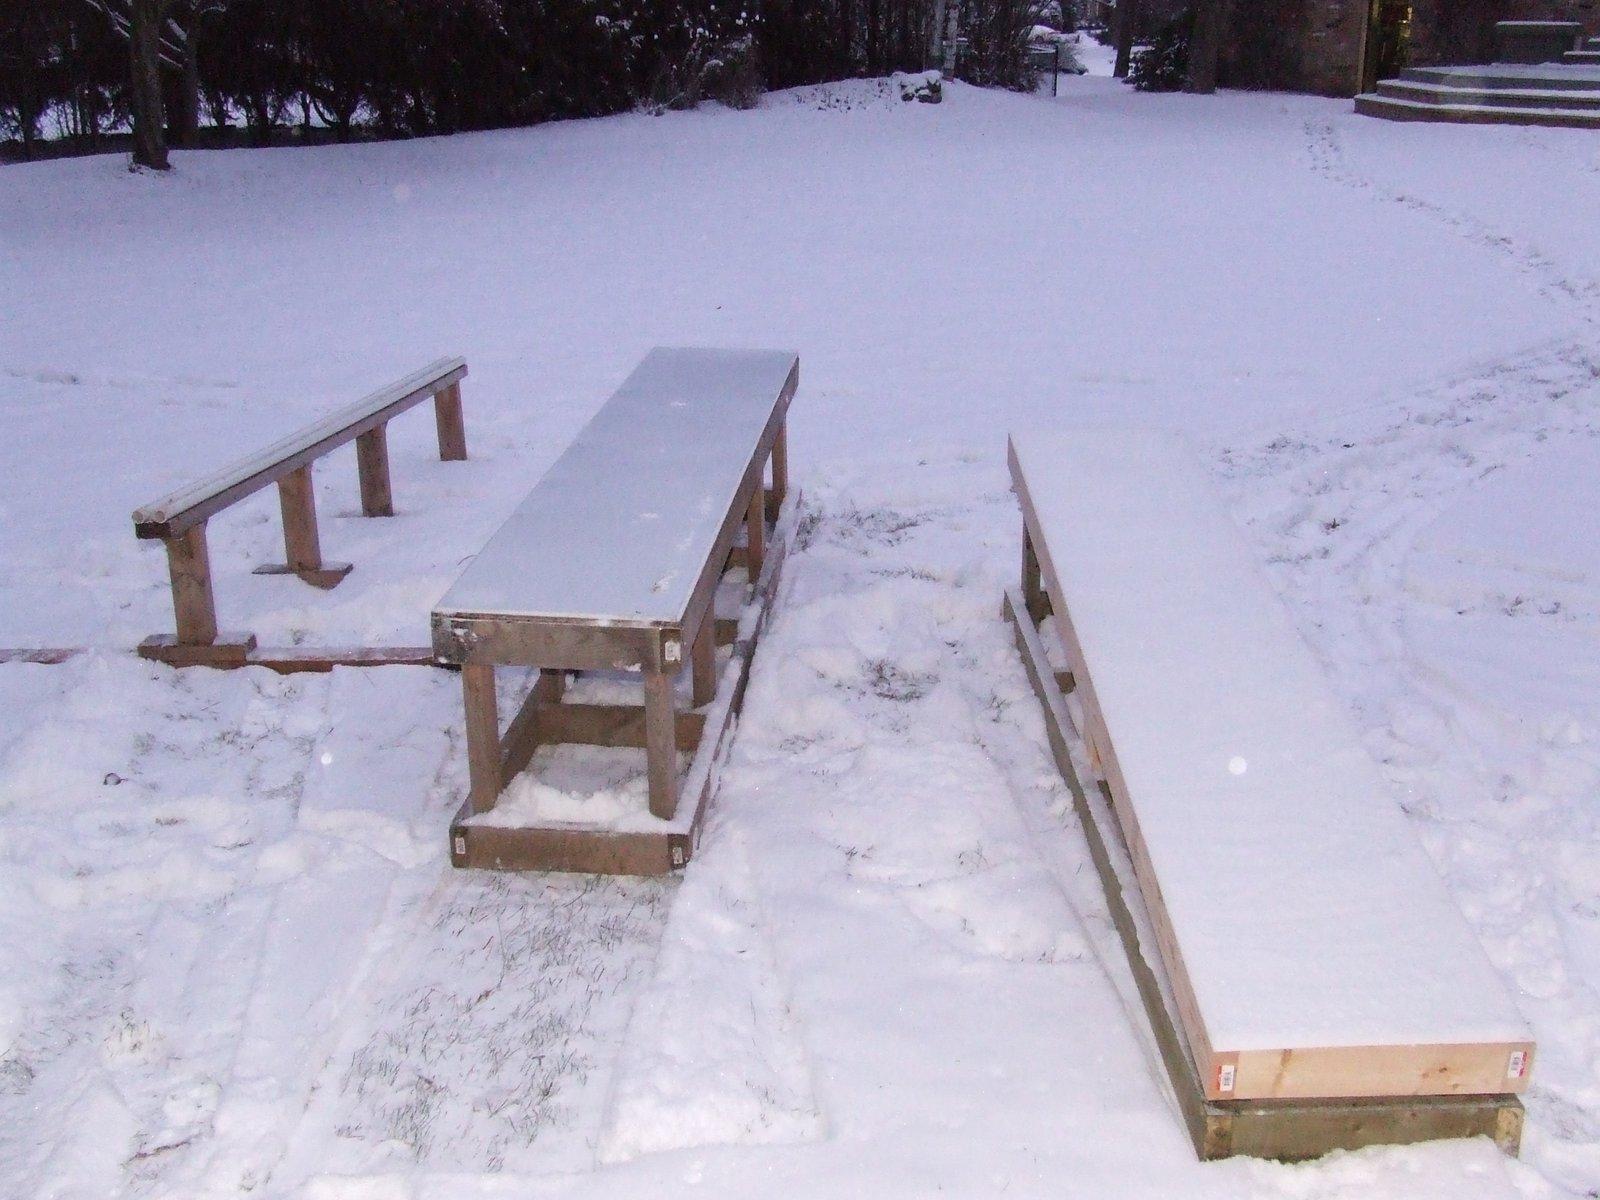 Backyard Setup - 4 of 5